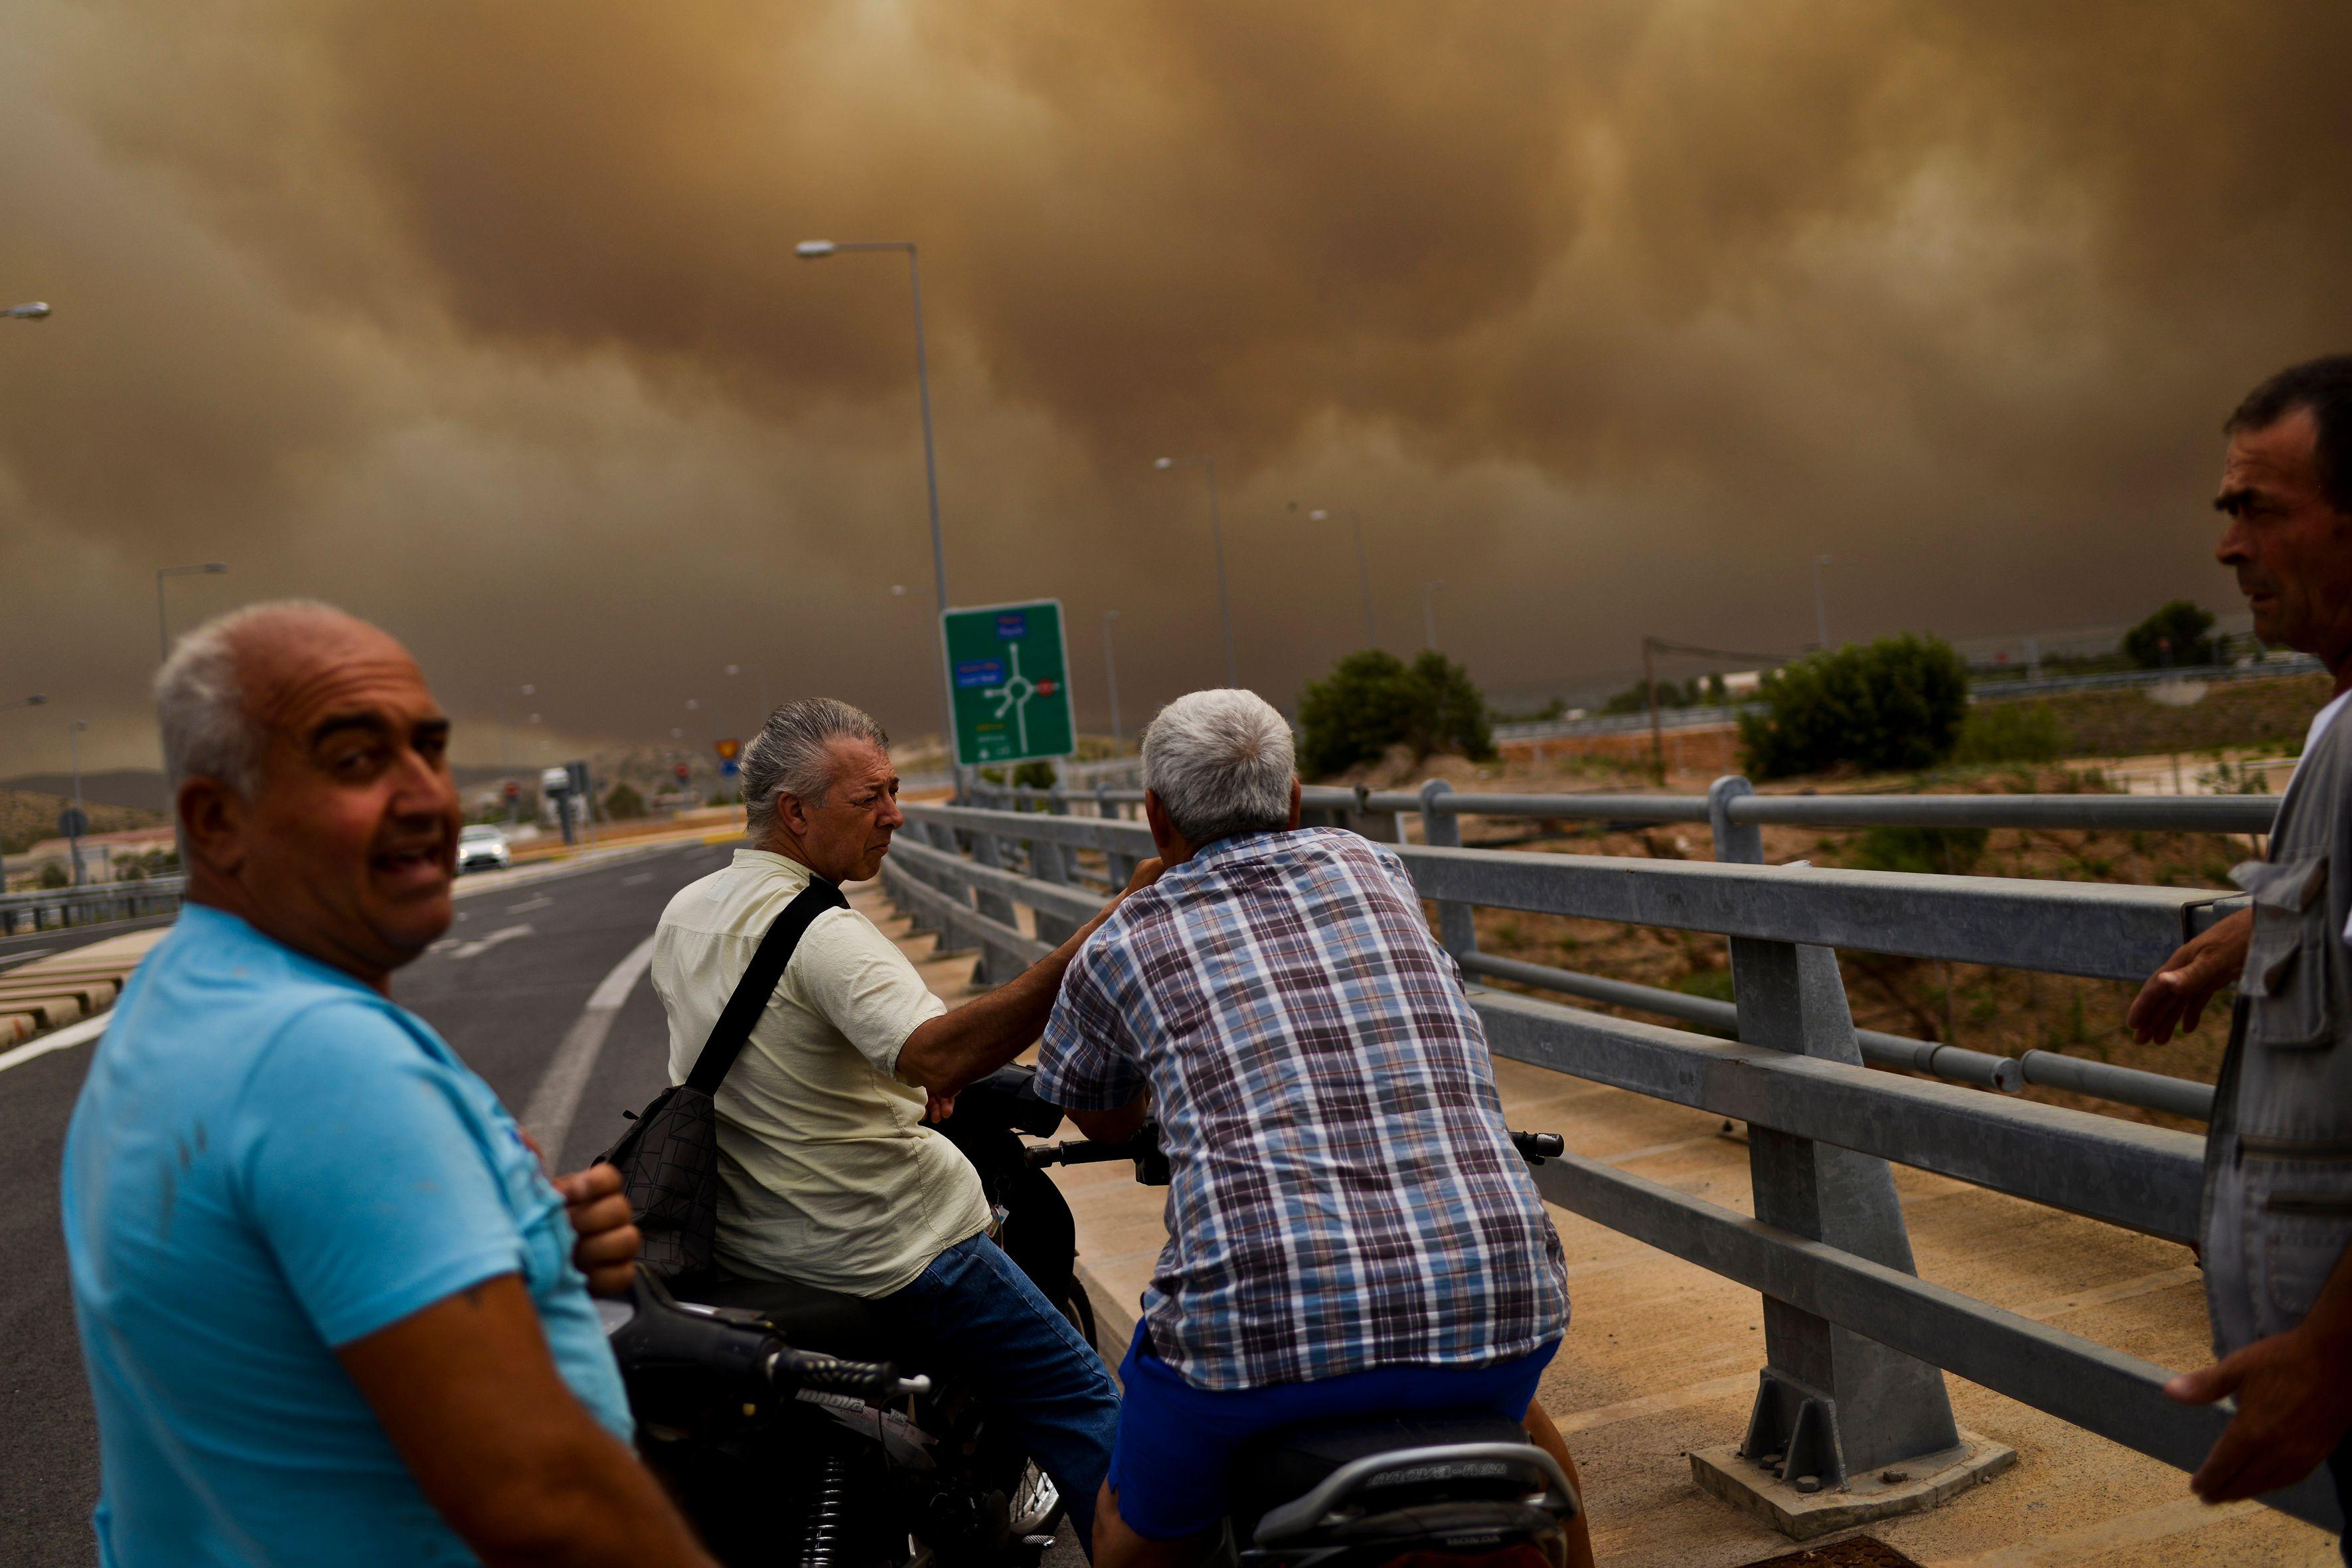 الأدخنة تغطى سماء أثينا